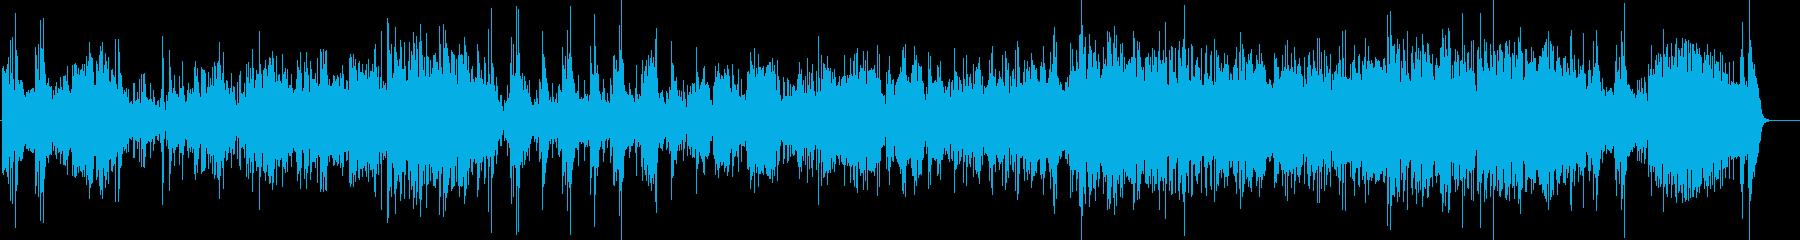 クールで華やかな高速ビッグバンドジャズの再生済みの波形